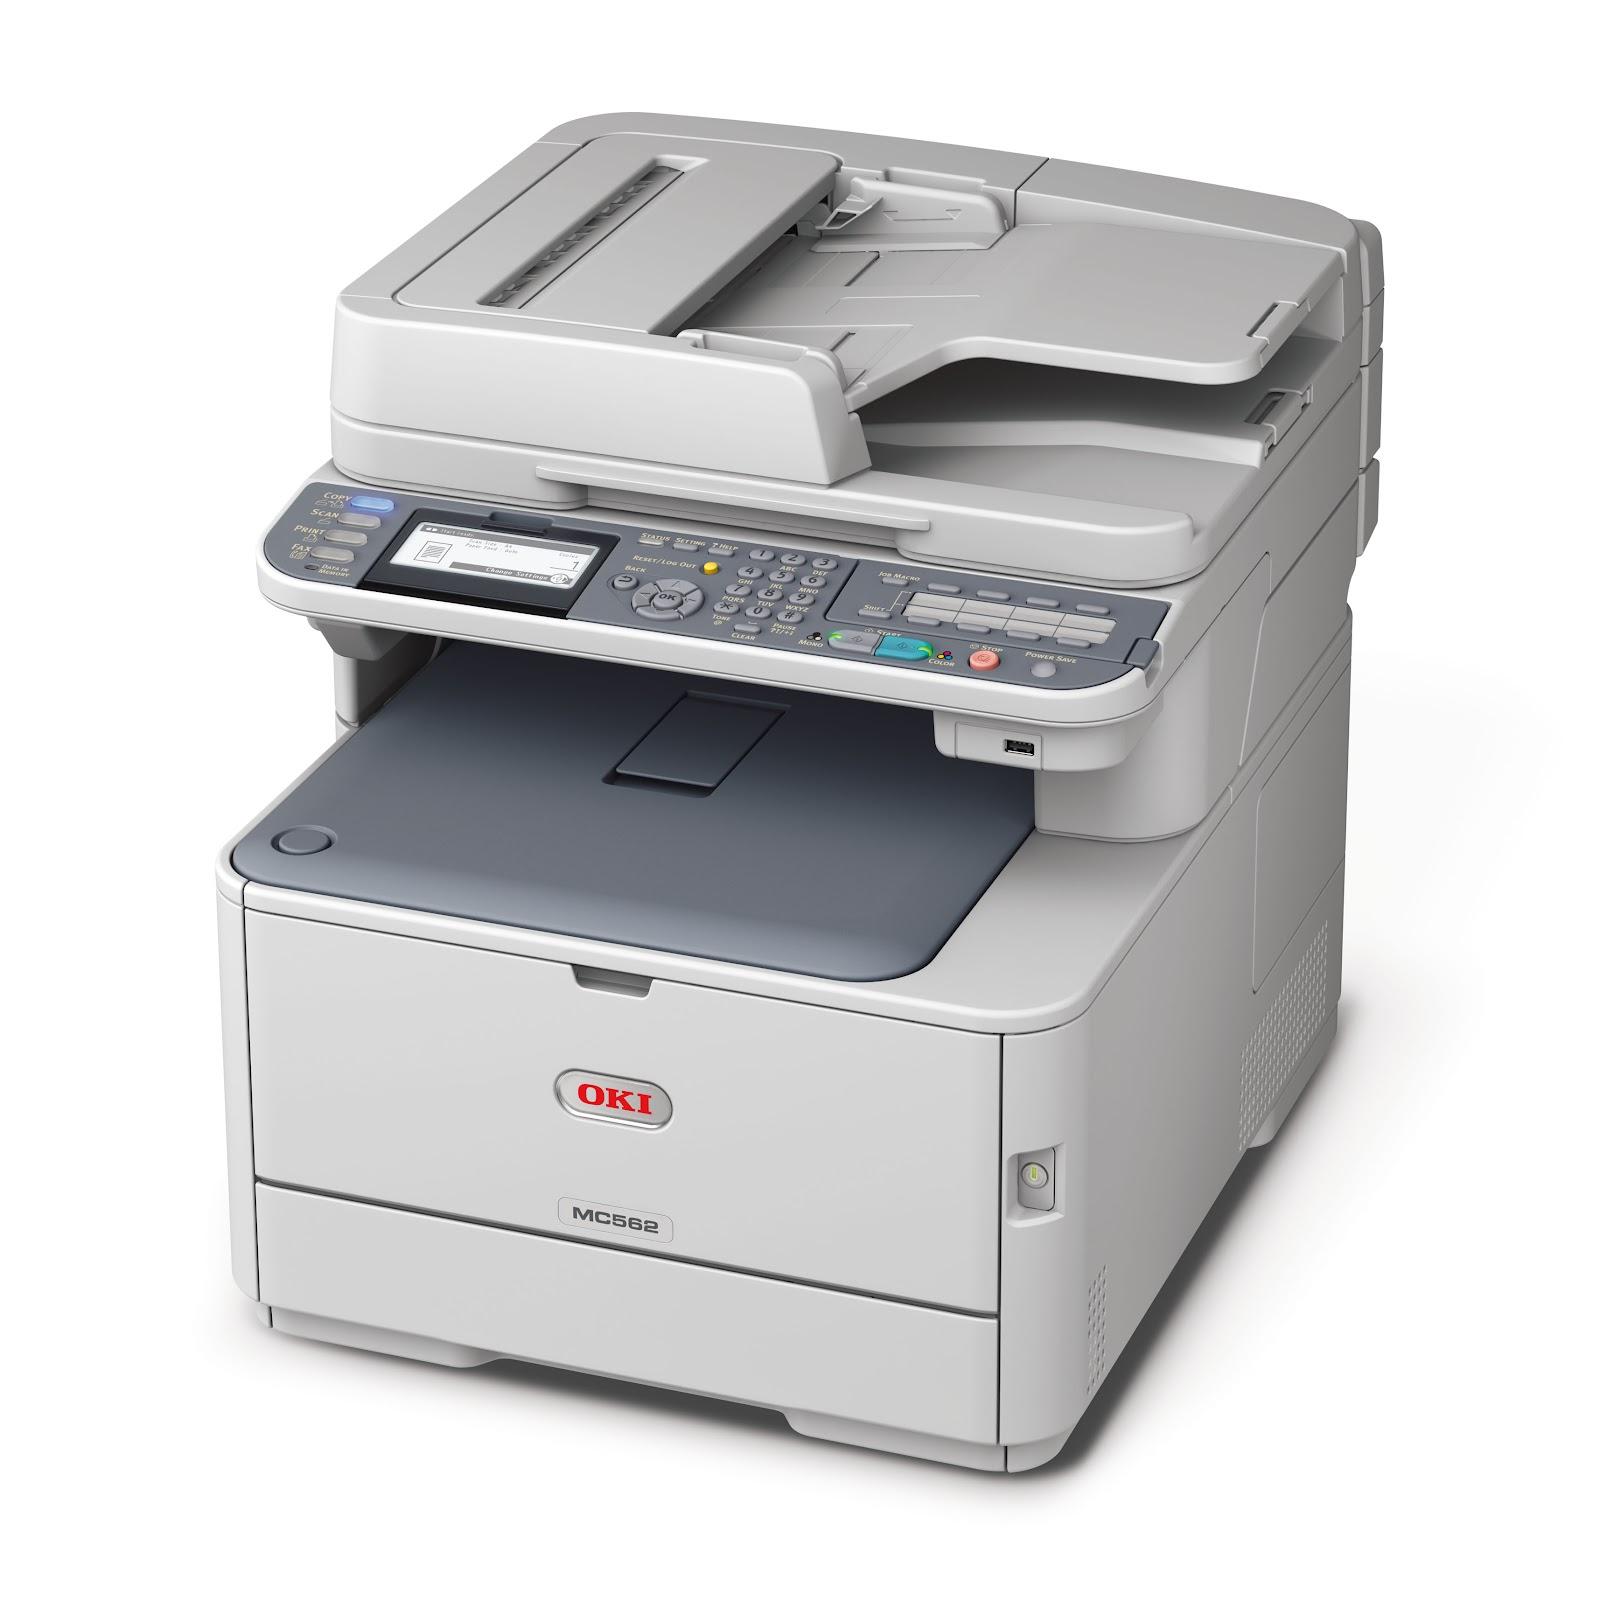 ... multifunction printer